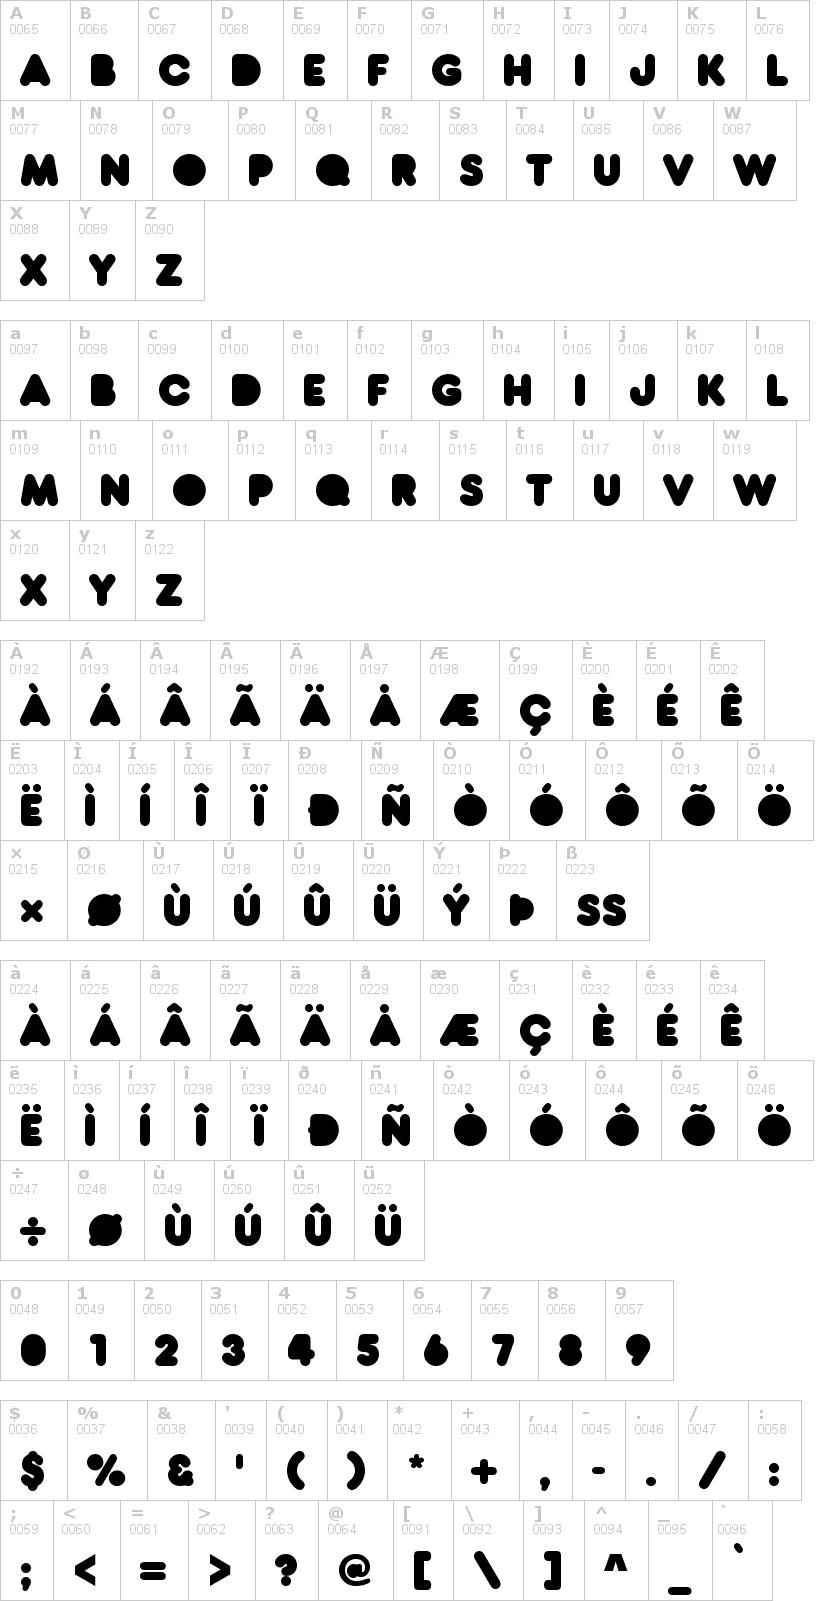 Lettere dell'alfabeto del font rns-baruta-black con le quali è possibile realizzare adesivi prespaziati